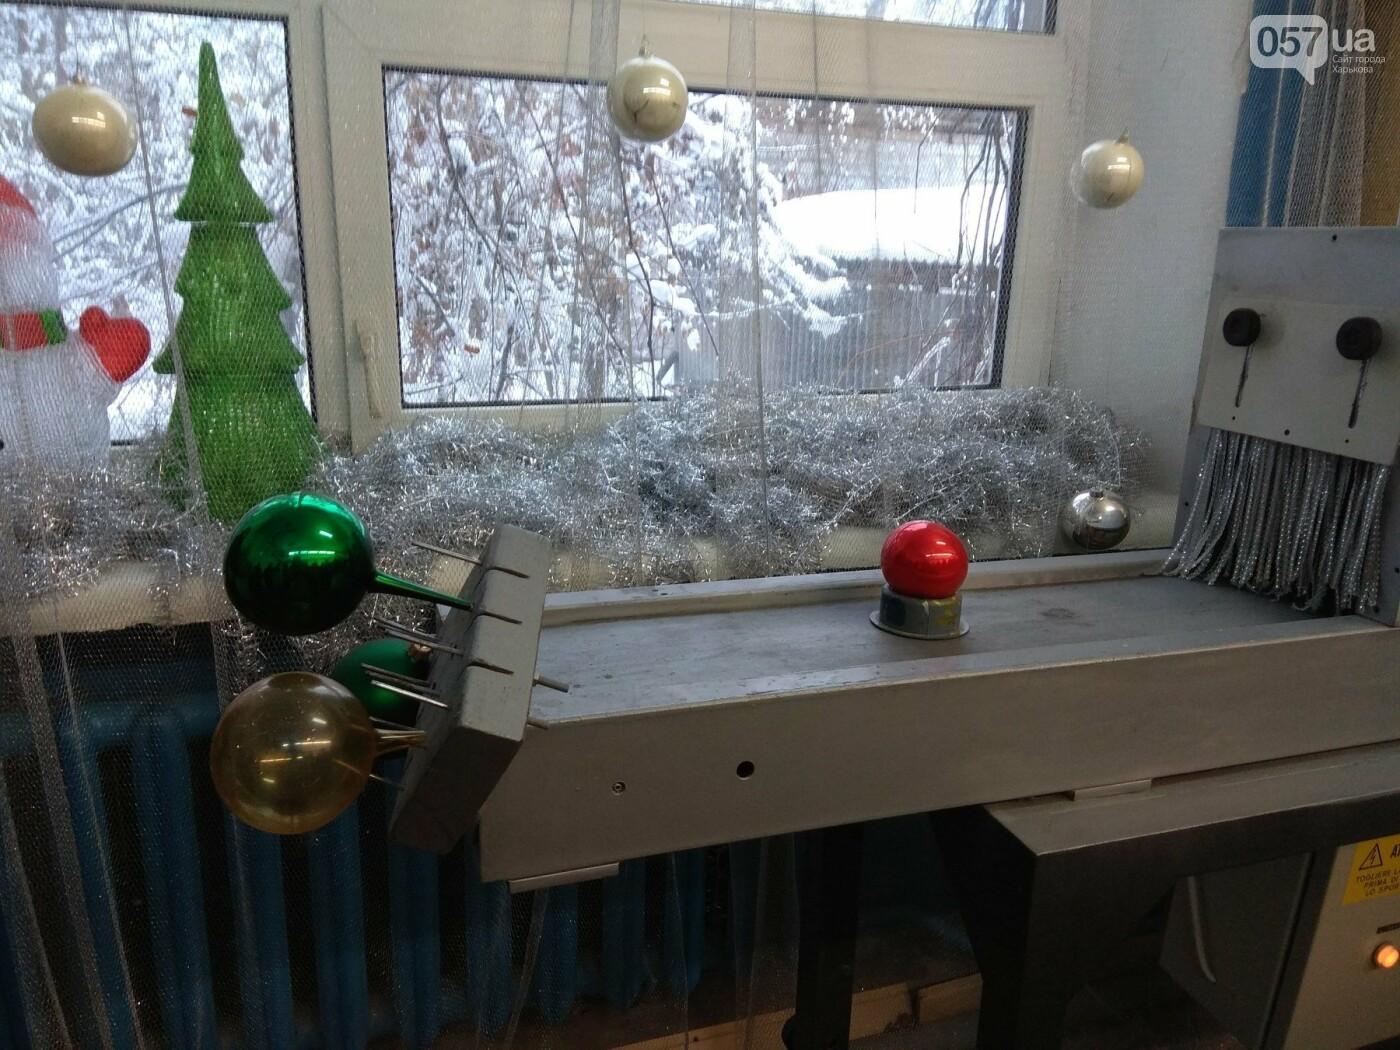 Фабрика елочных игрушек под Киевом. Куда харьковчане могут поехать на выходных, - ФОТО, фото-11